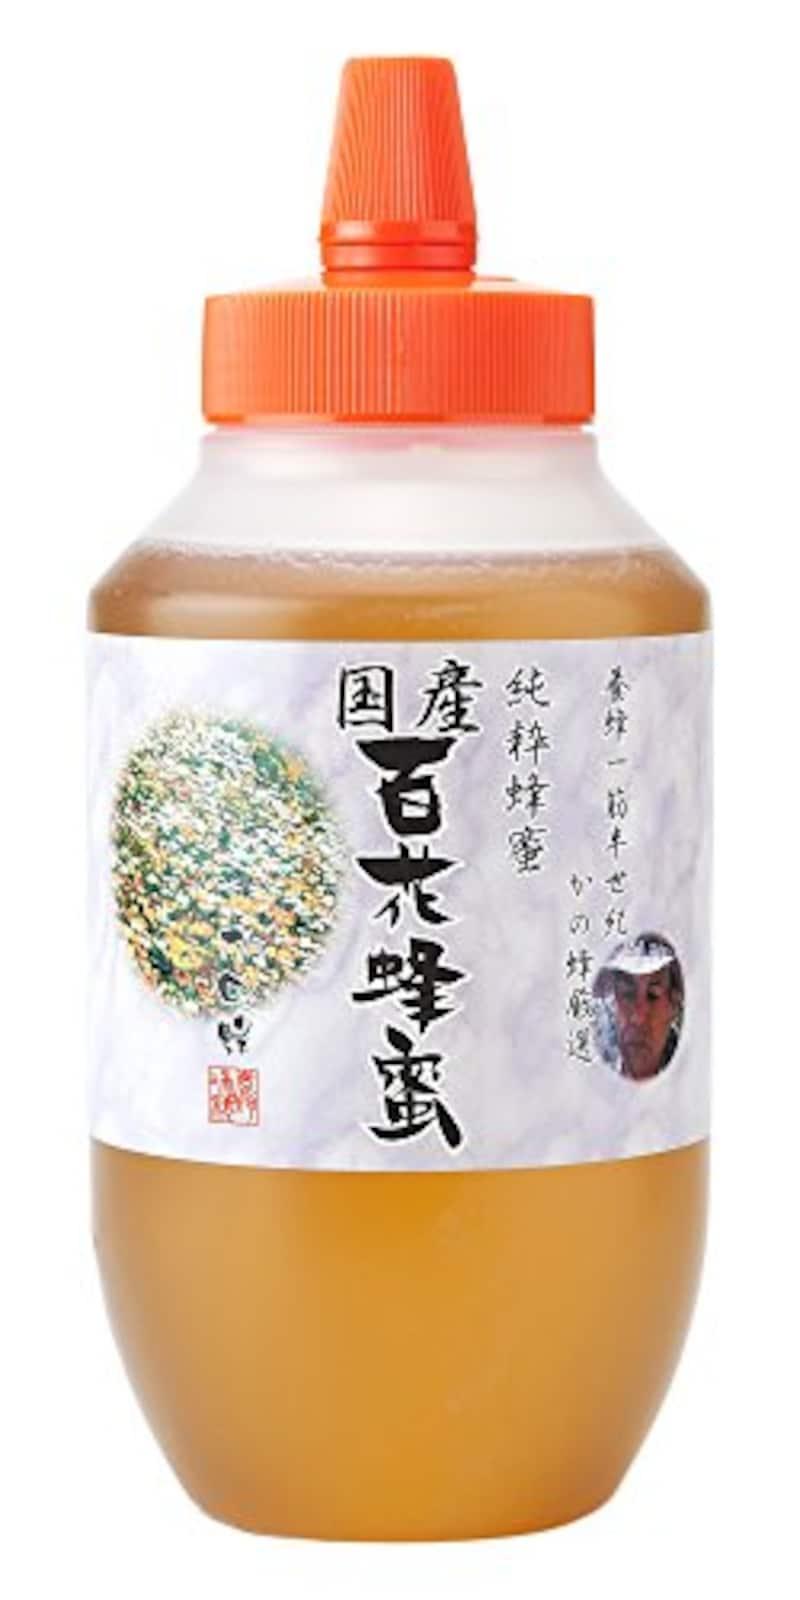 かの蜂,百花蜂蜜 1000g